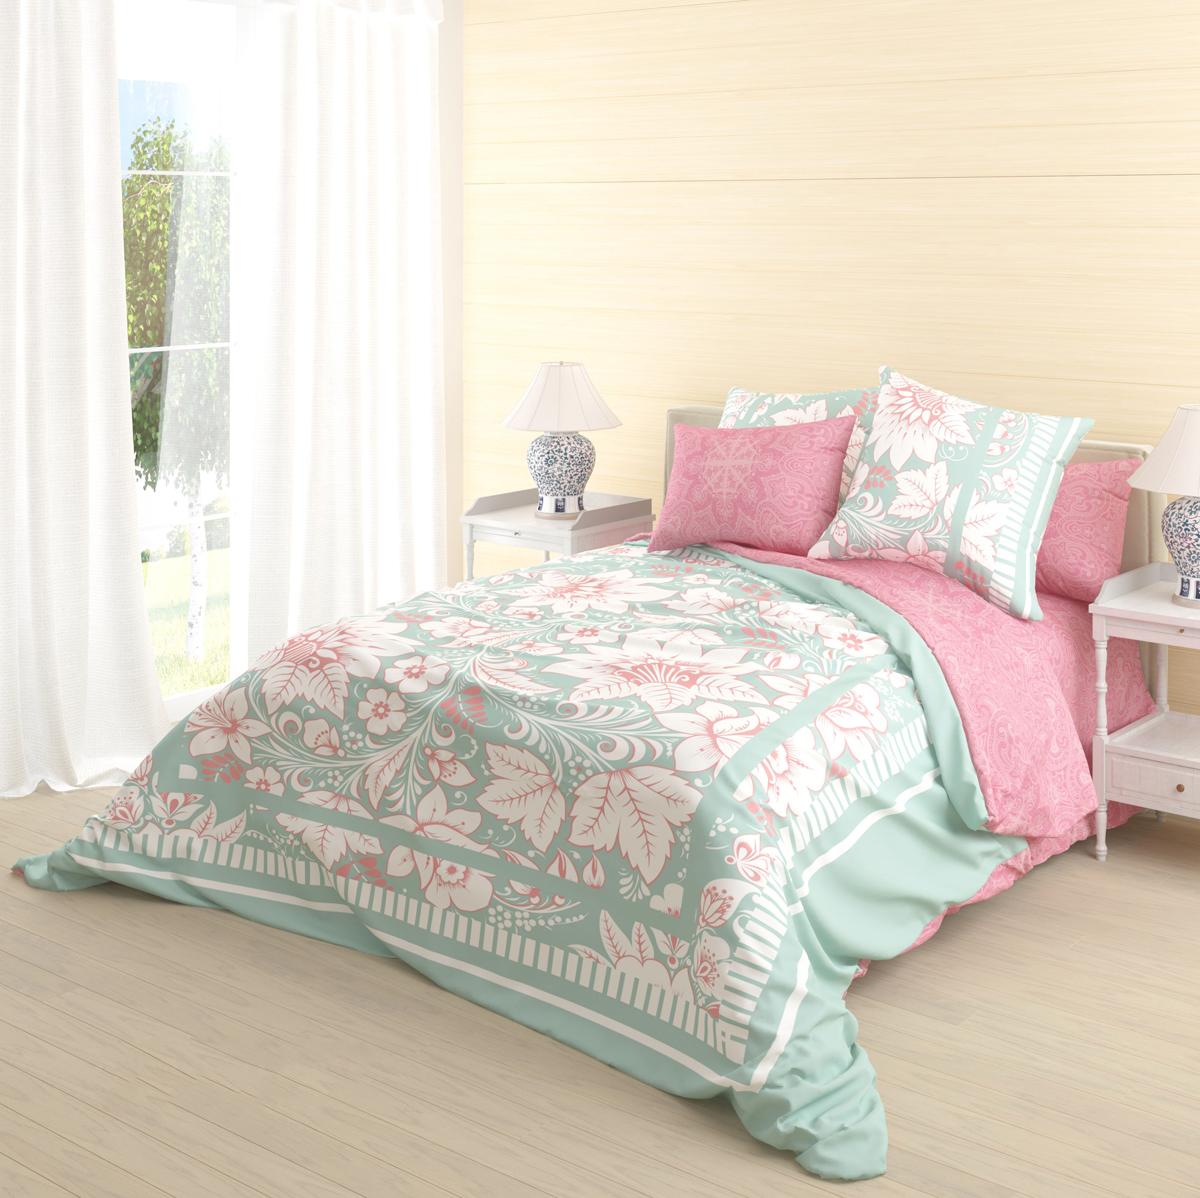 Комплект белья Волшебная ночь Biruza, 2-спальный, наволочки 70х70 см комплект белья волшебная ночь divo 2 спальный наволочки 70х70 см